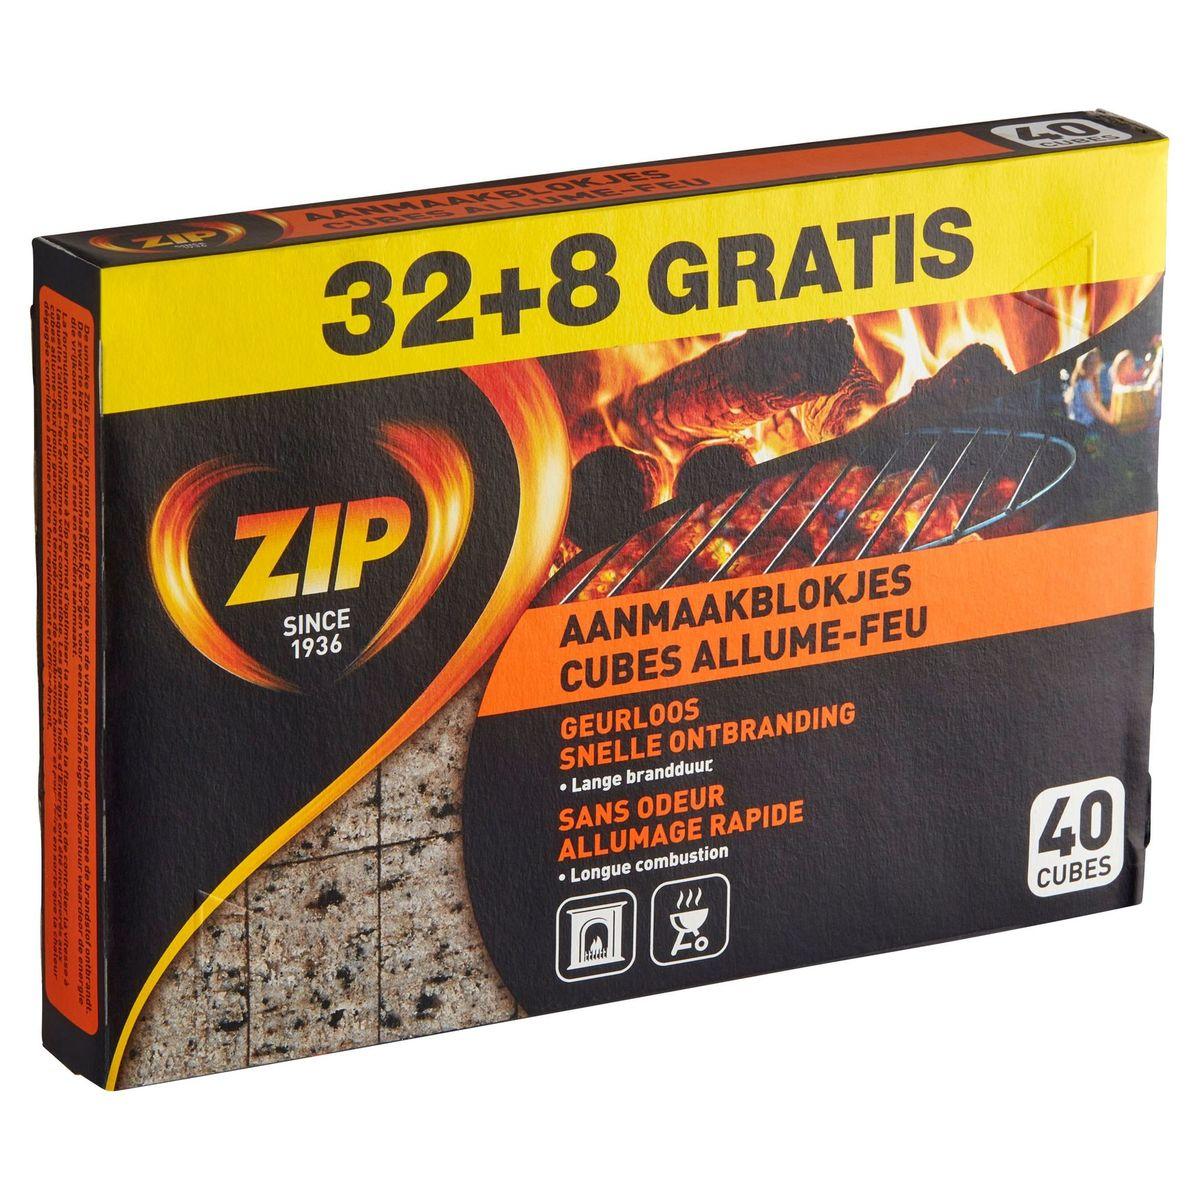 Zip Aanmaakblokjes 40 Cubes